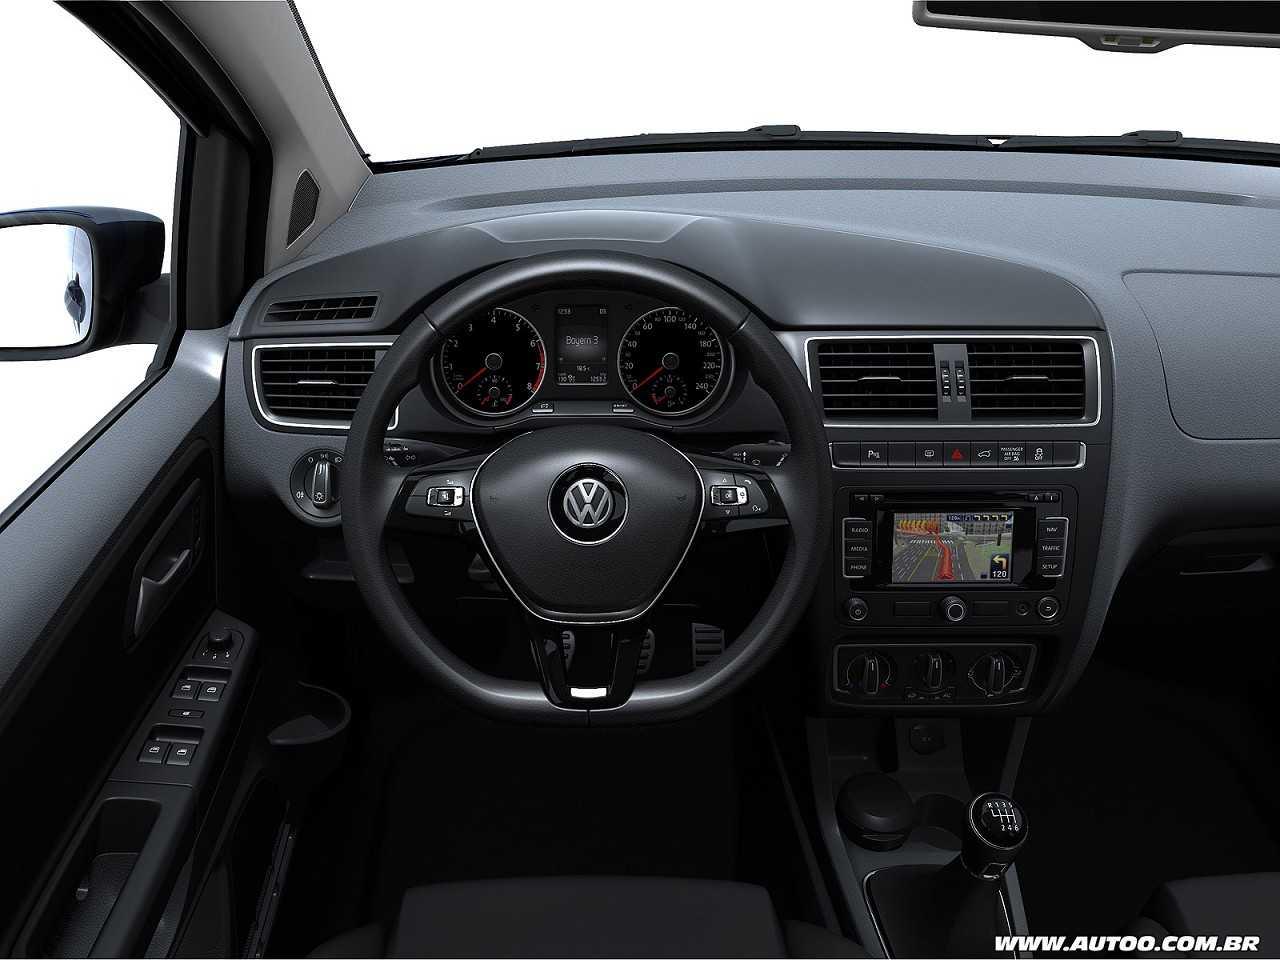 VolkswagenSpaceFox 2016 - painel